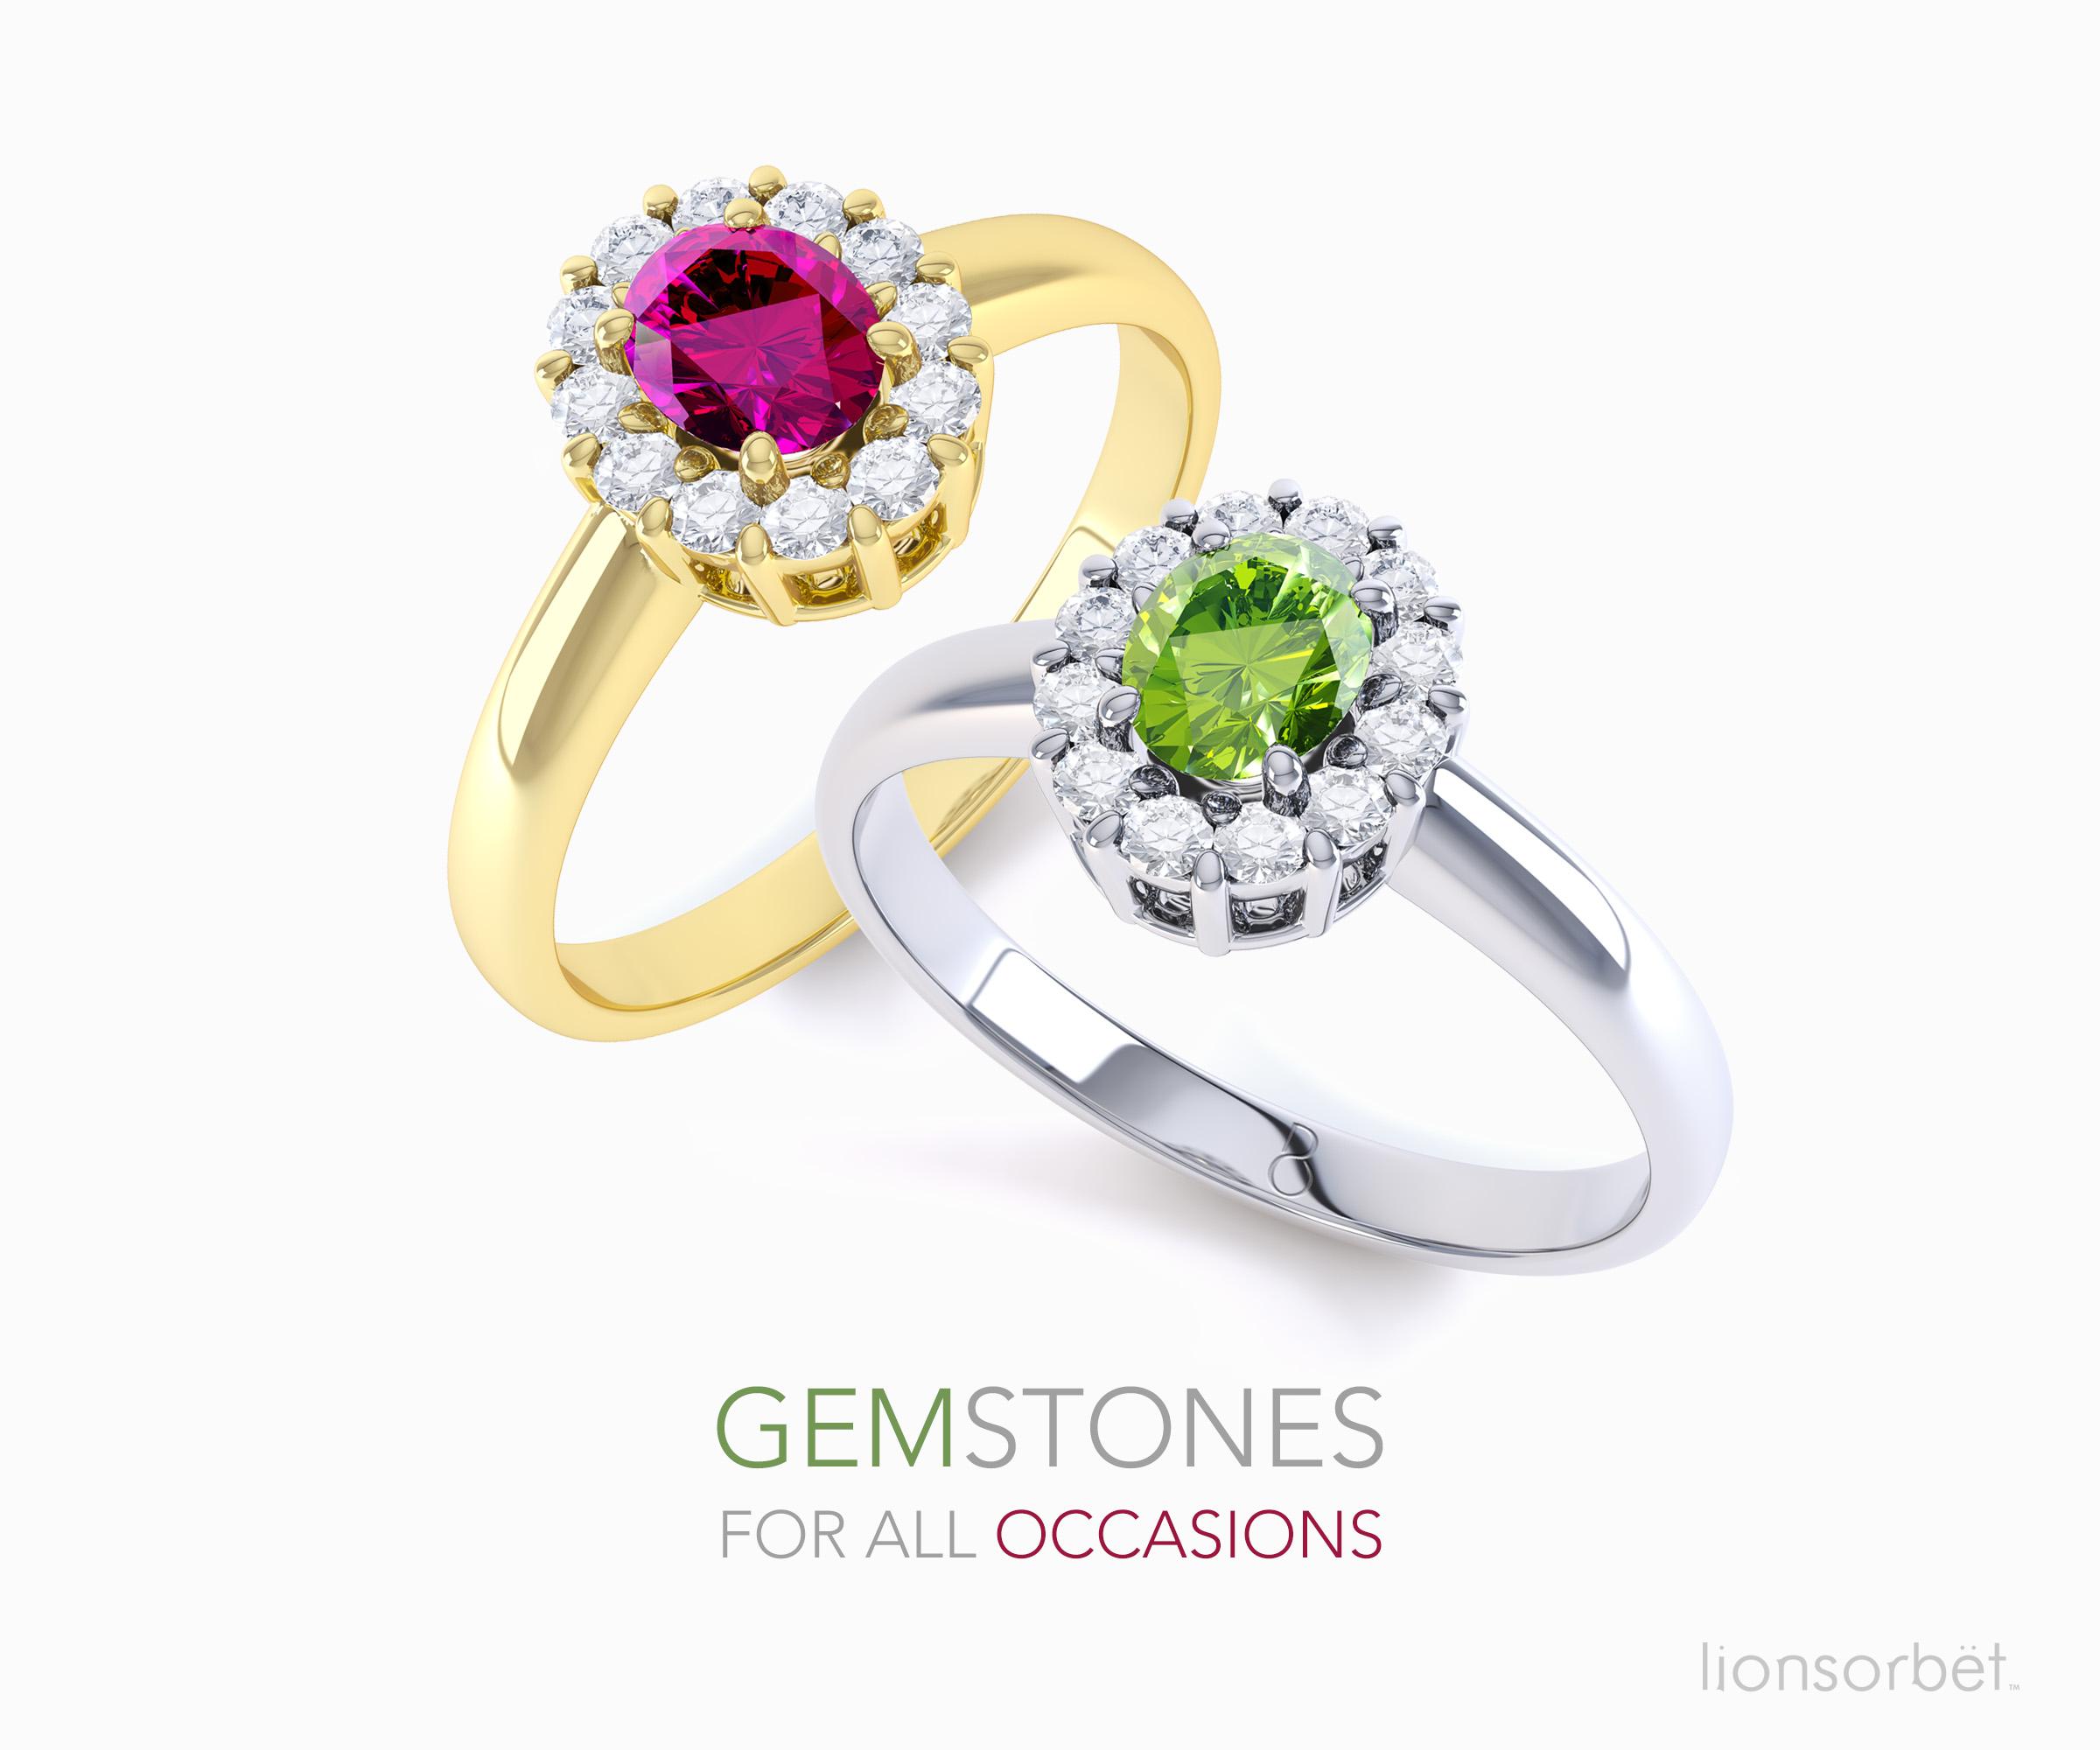 Gemstone showcase for  www.diamond-boutique.co.uk